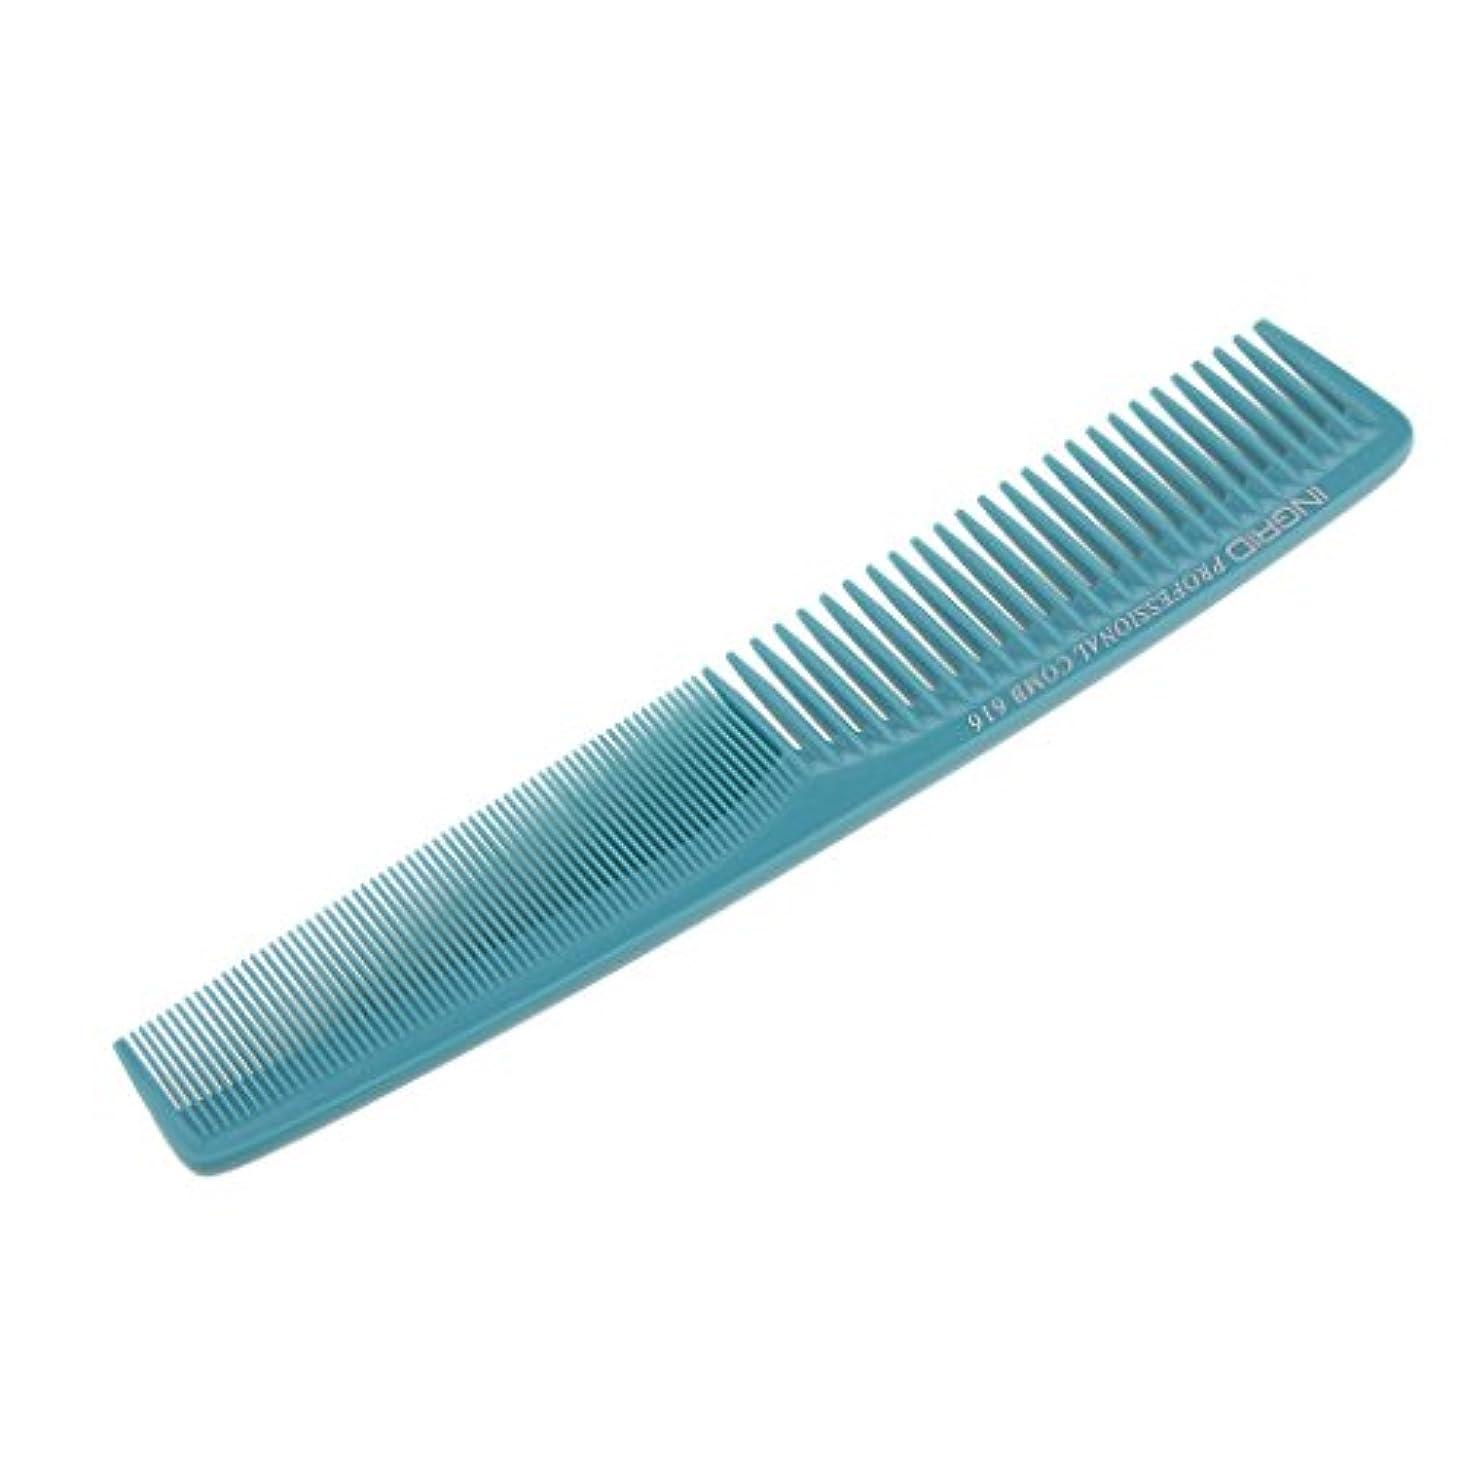 ファントム従事する落花生ヘアカットコーム 櫛 コーム 理髪店 静電気防止 全5色 - ライトブルー